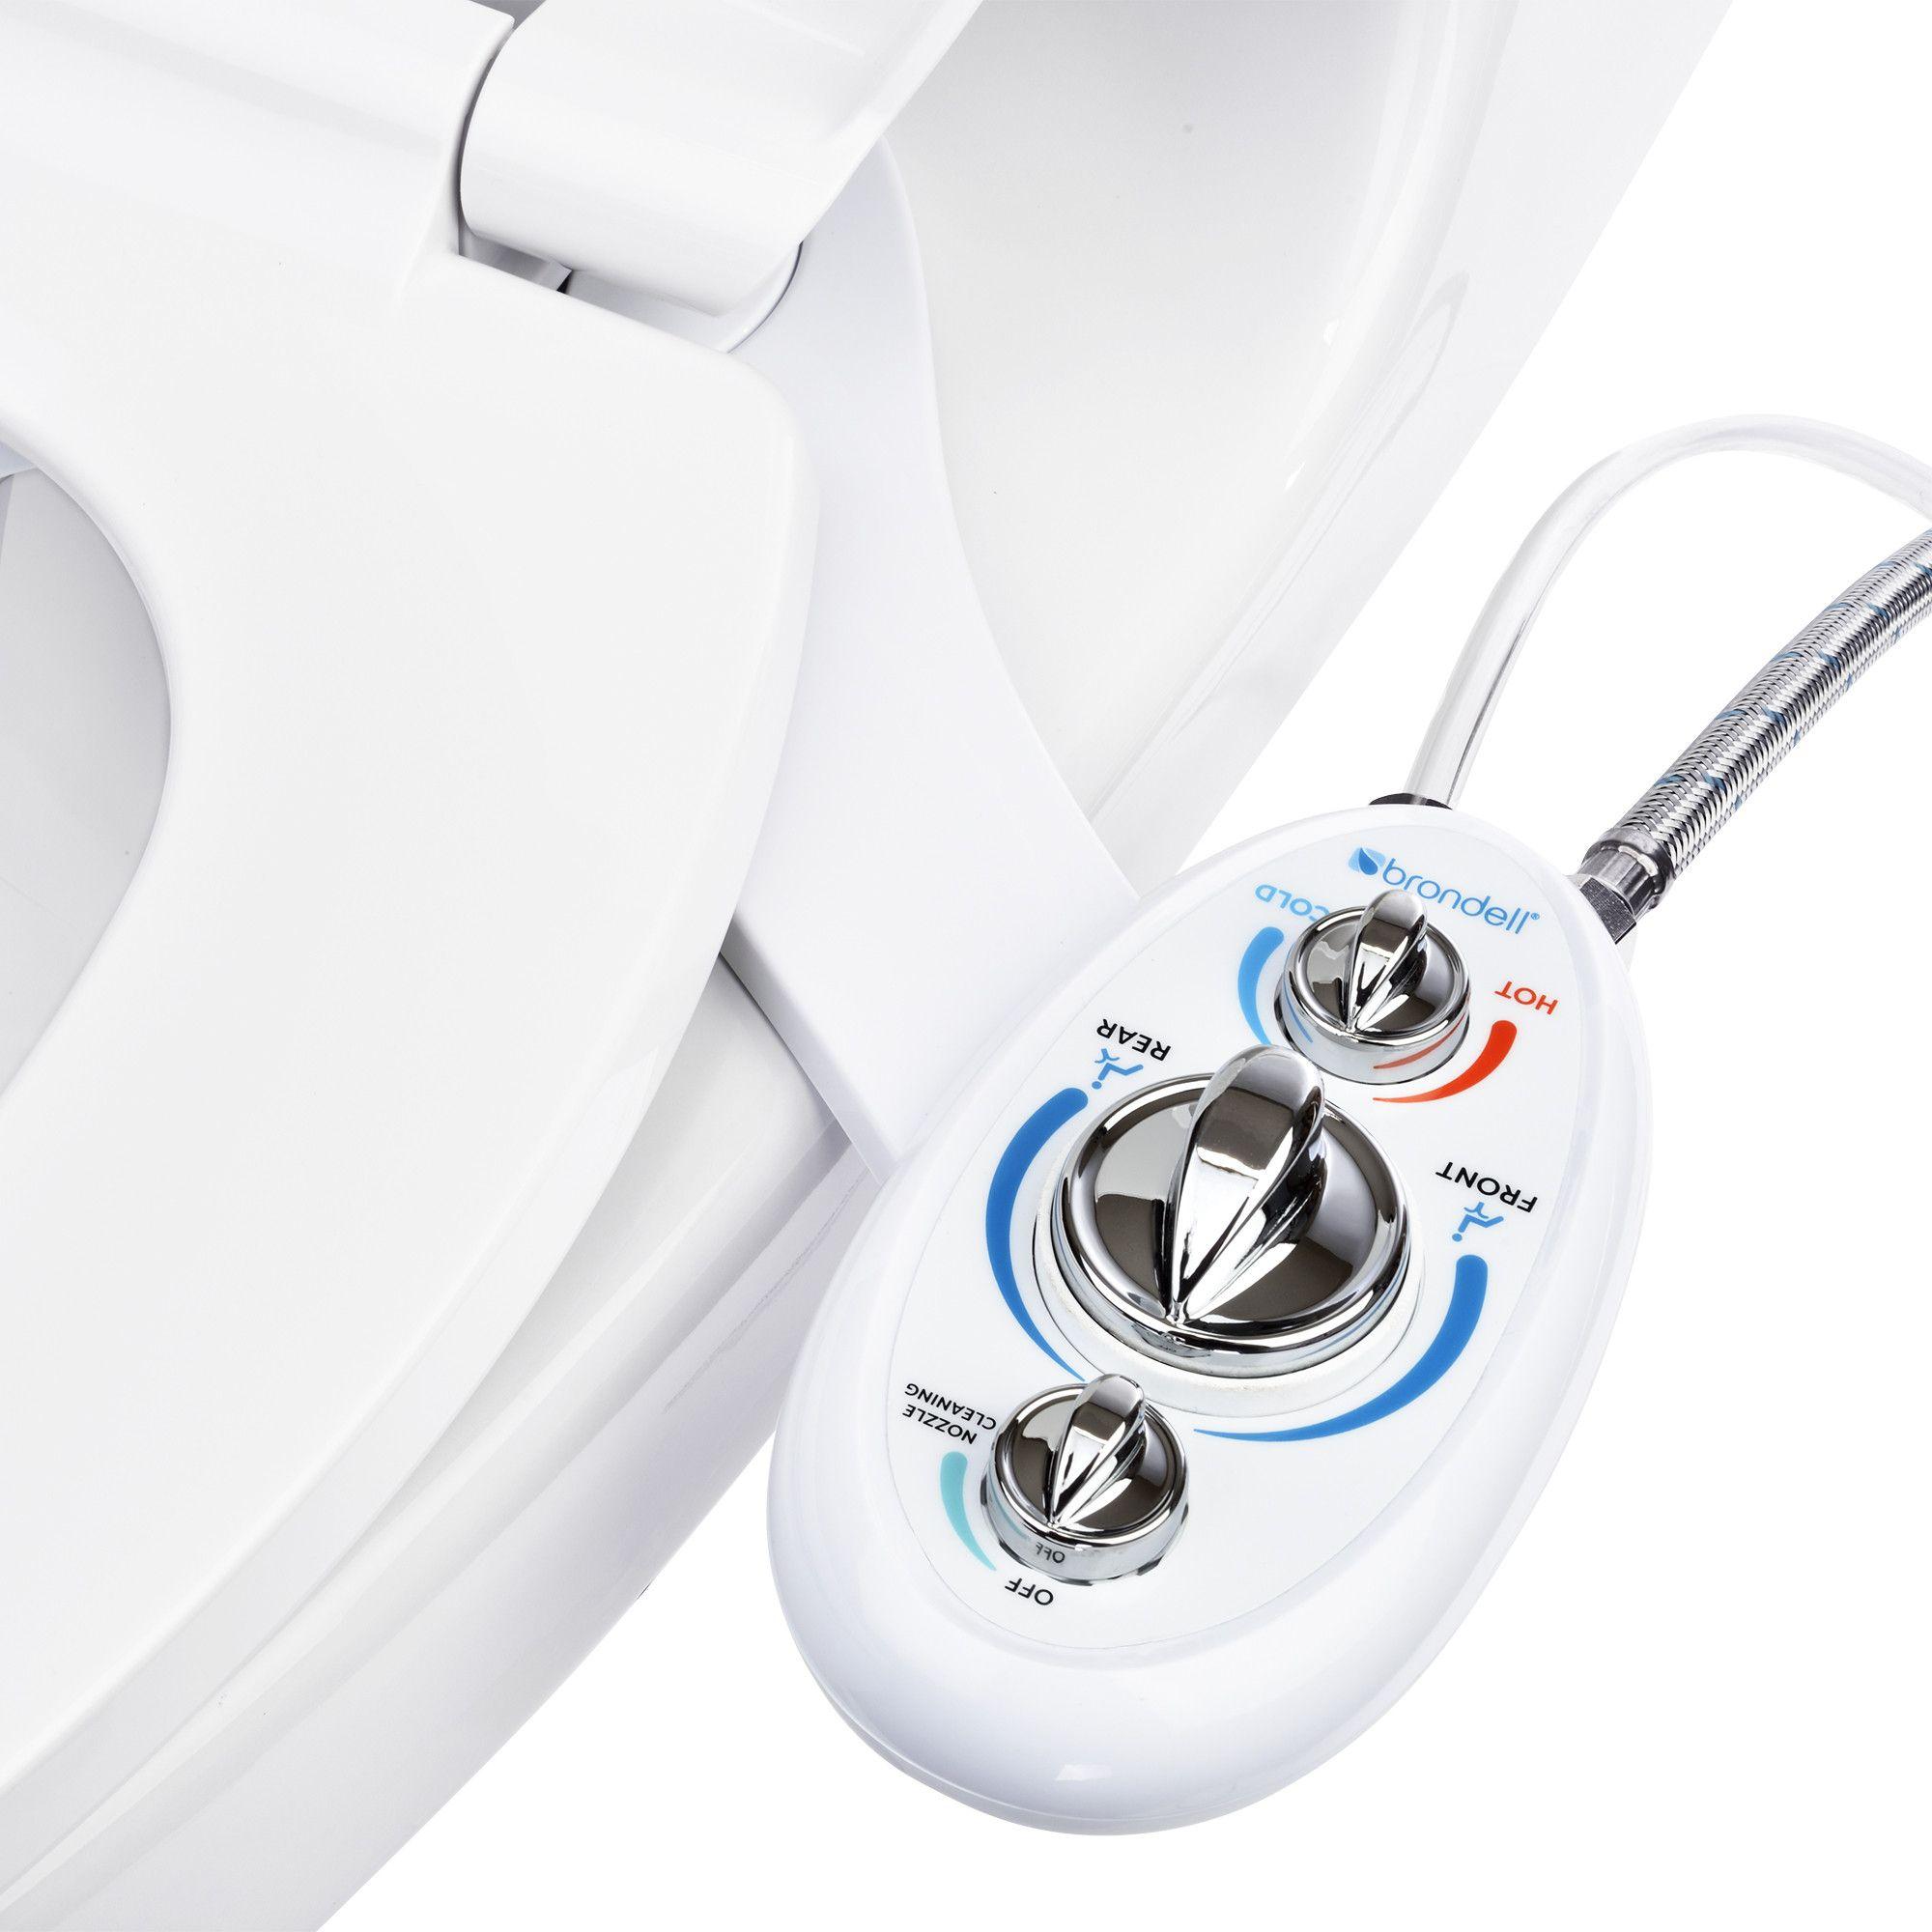 SouthSpa LeftHanded DualTemp, DualNozzle Bidet Toilet